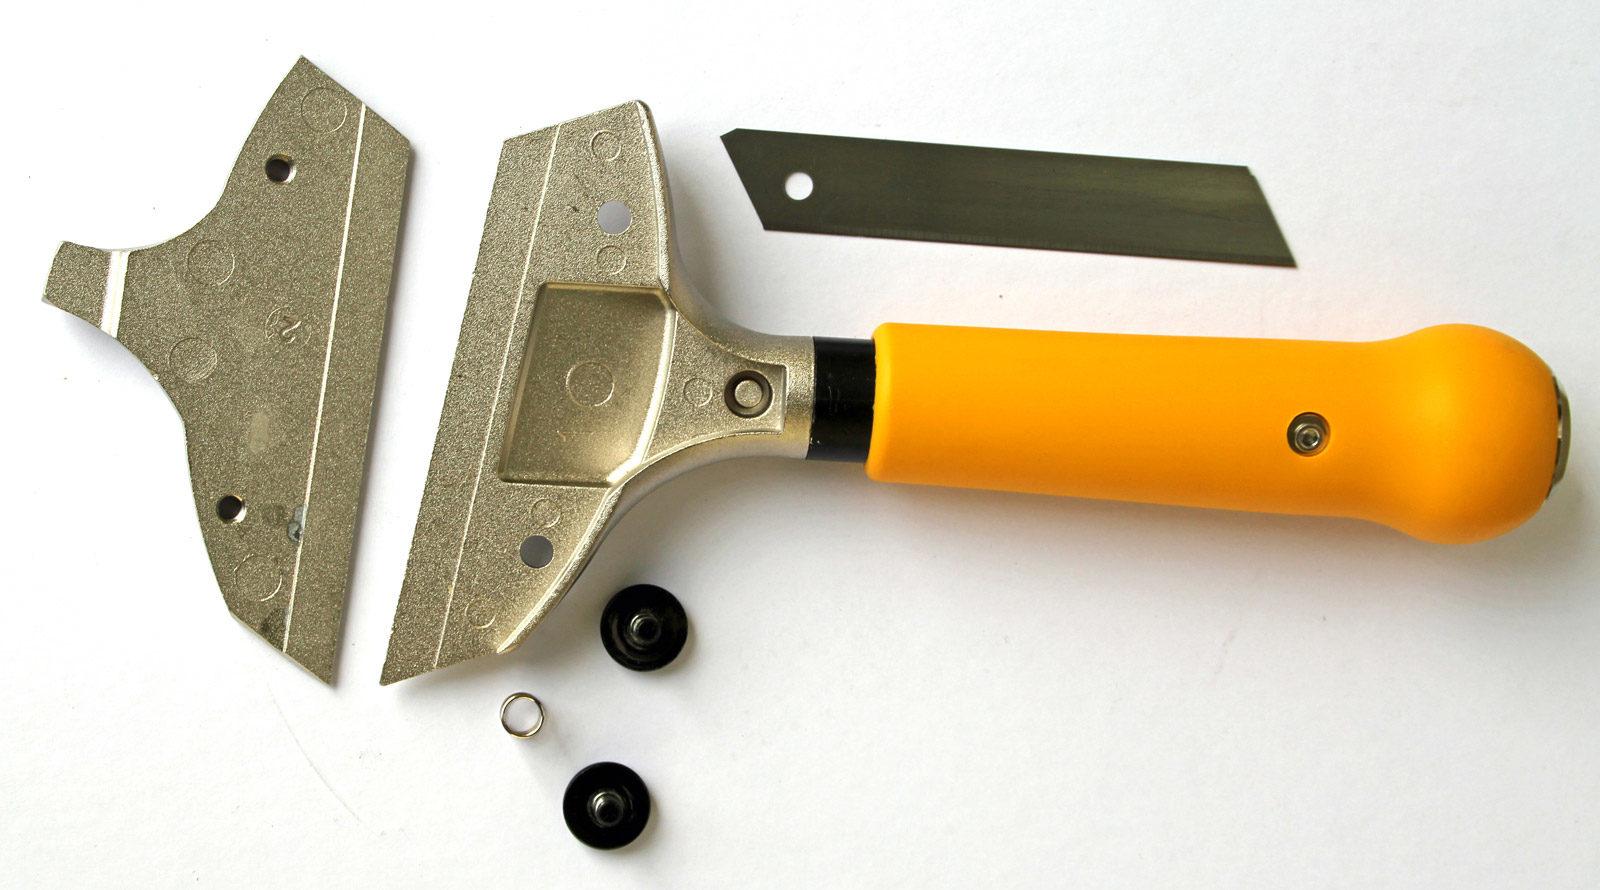 S085-Schaber-Profi-schwer-200mm–Einzelteile-CURT-tools_